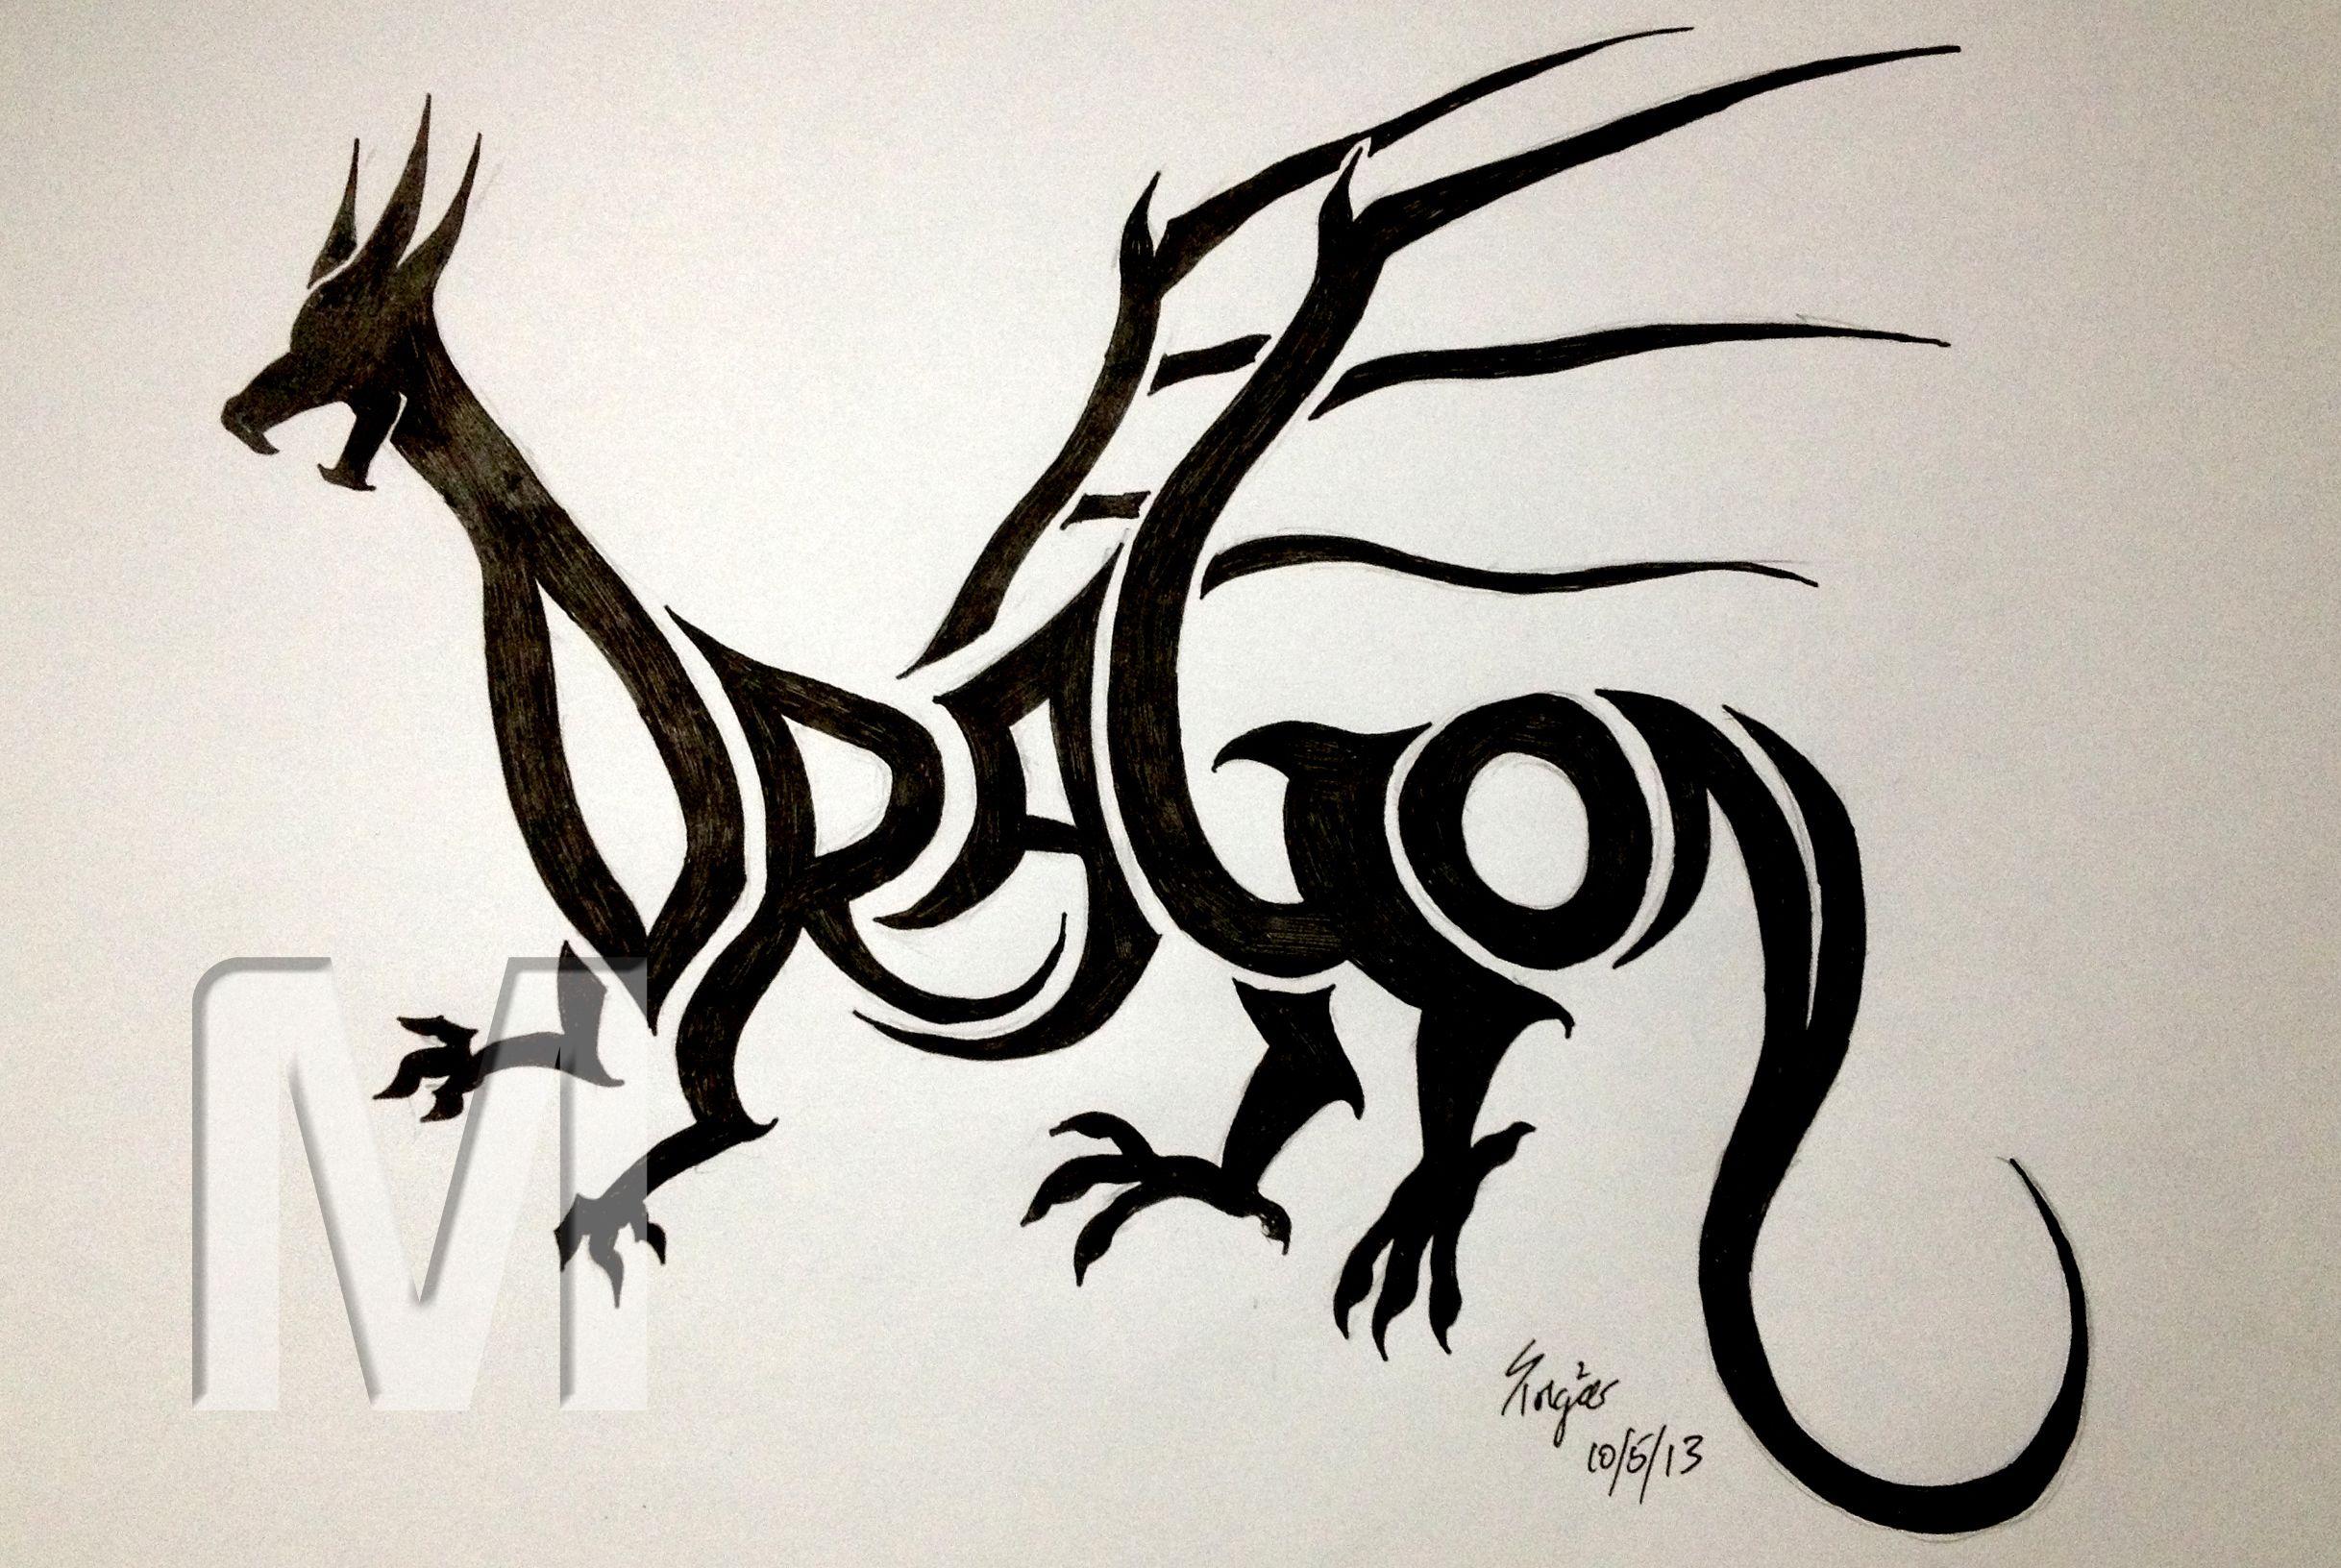 Word Art Of The Week Dragon Word Drawings Word Art Word